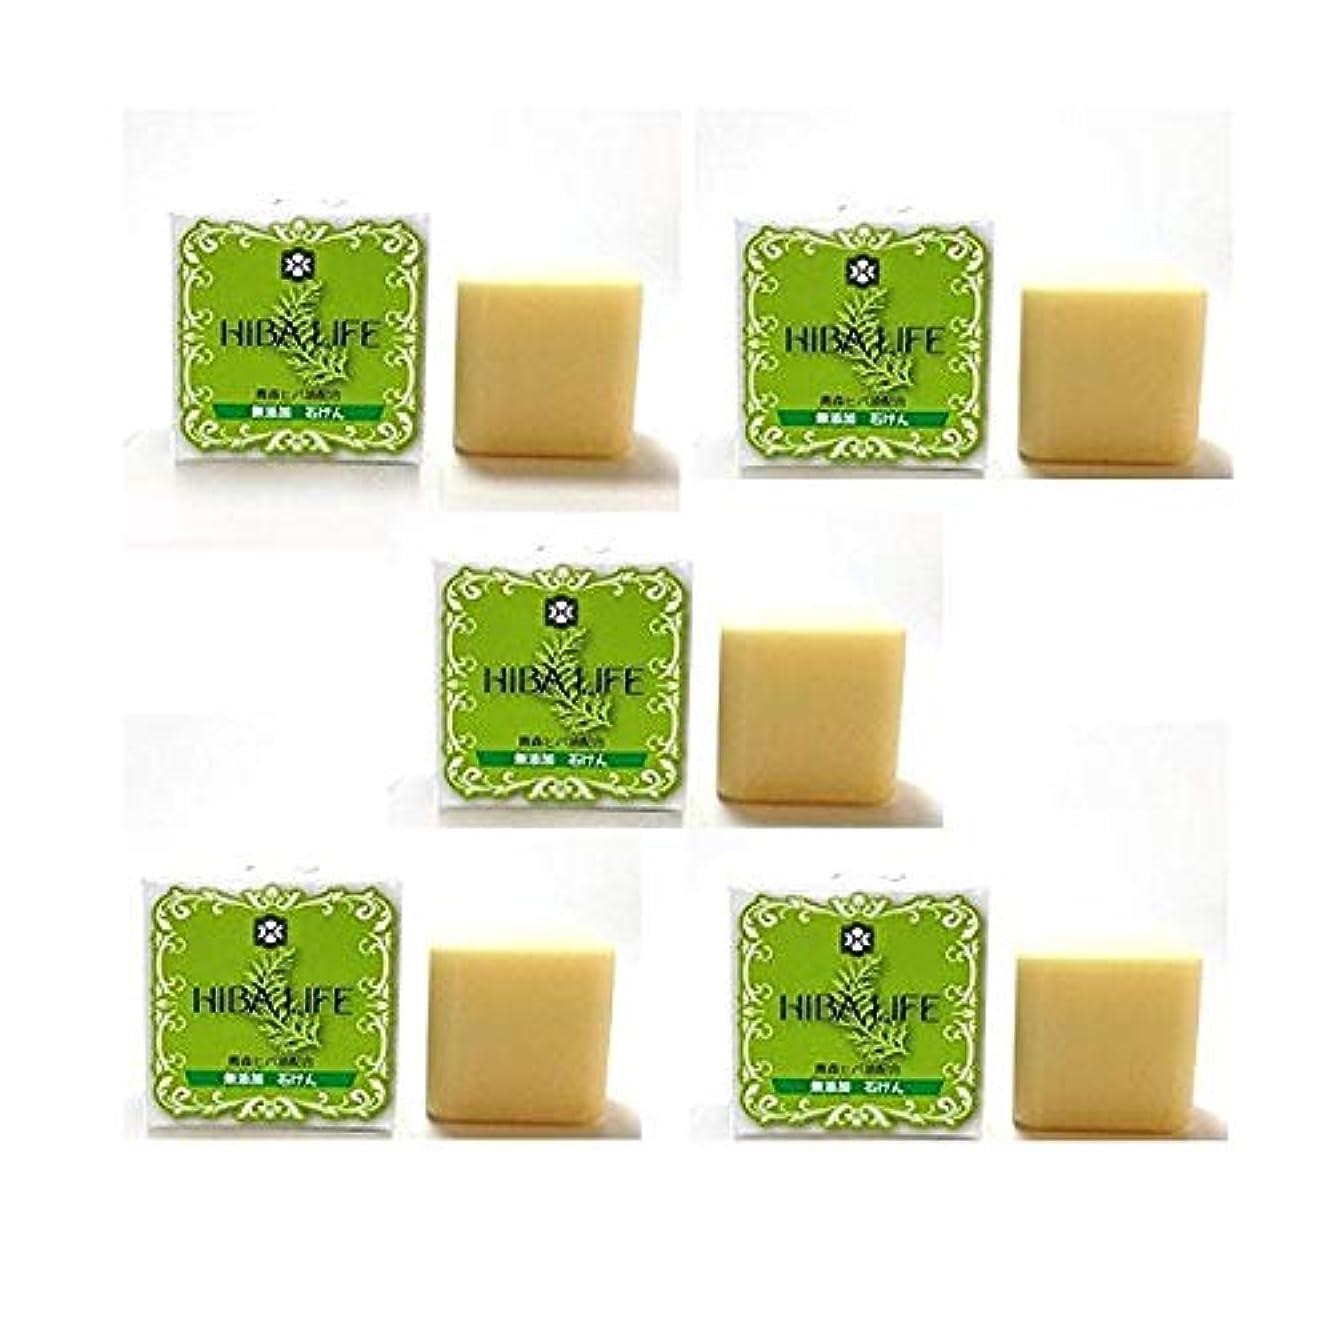 シーケンス太字退屈なヒバ石鹸 ひばの森化粧石鹸5個セット(100g×5個) 青森ヒバ精油配合の無添加ひば石鹸